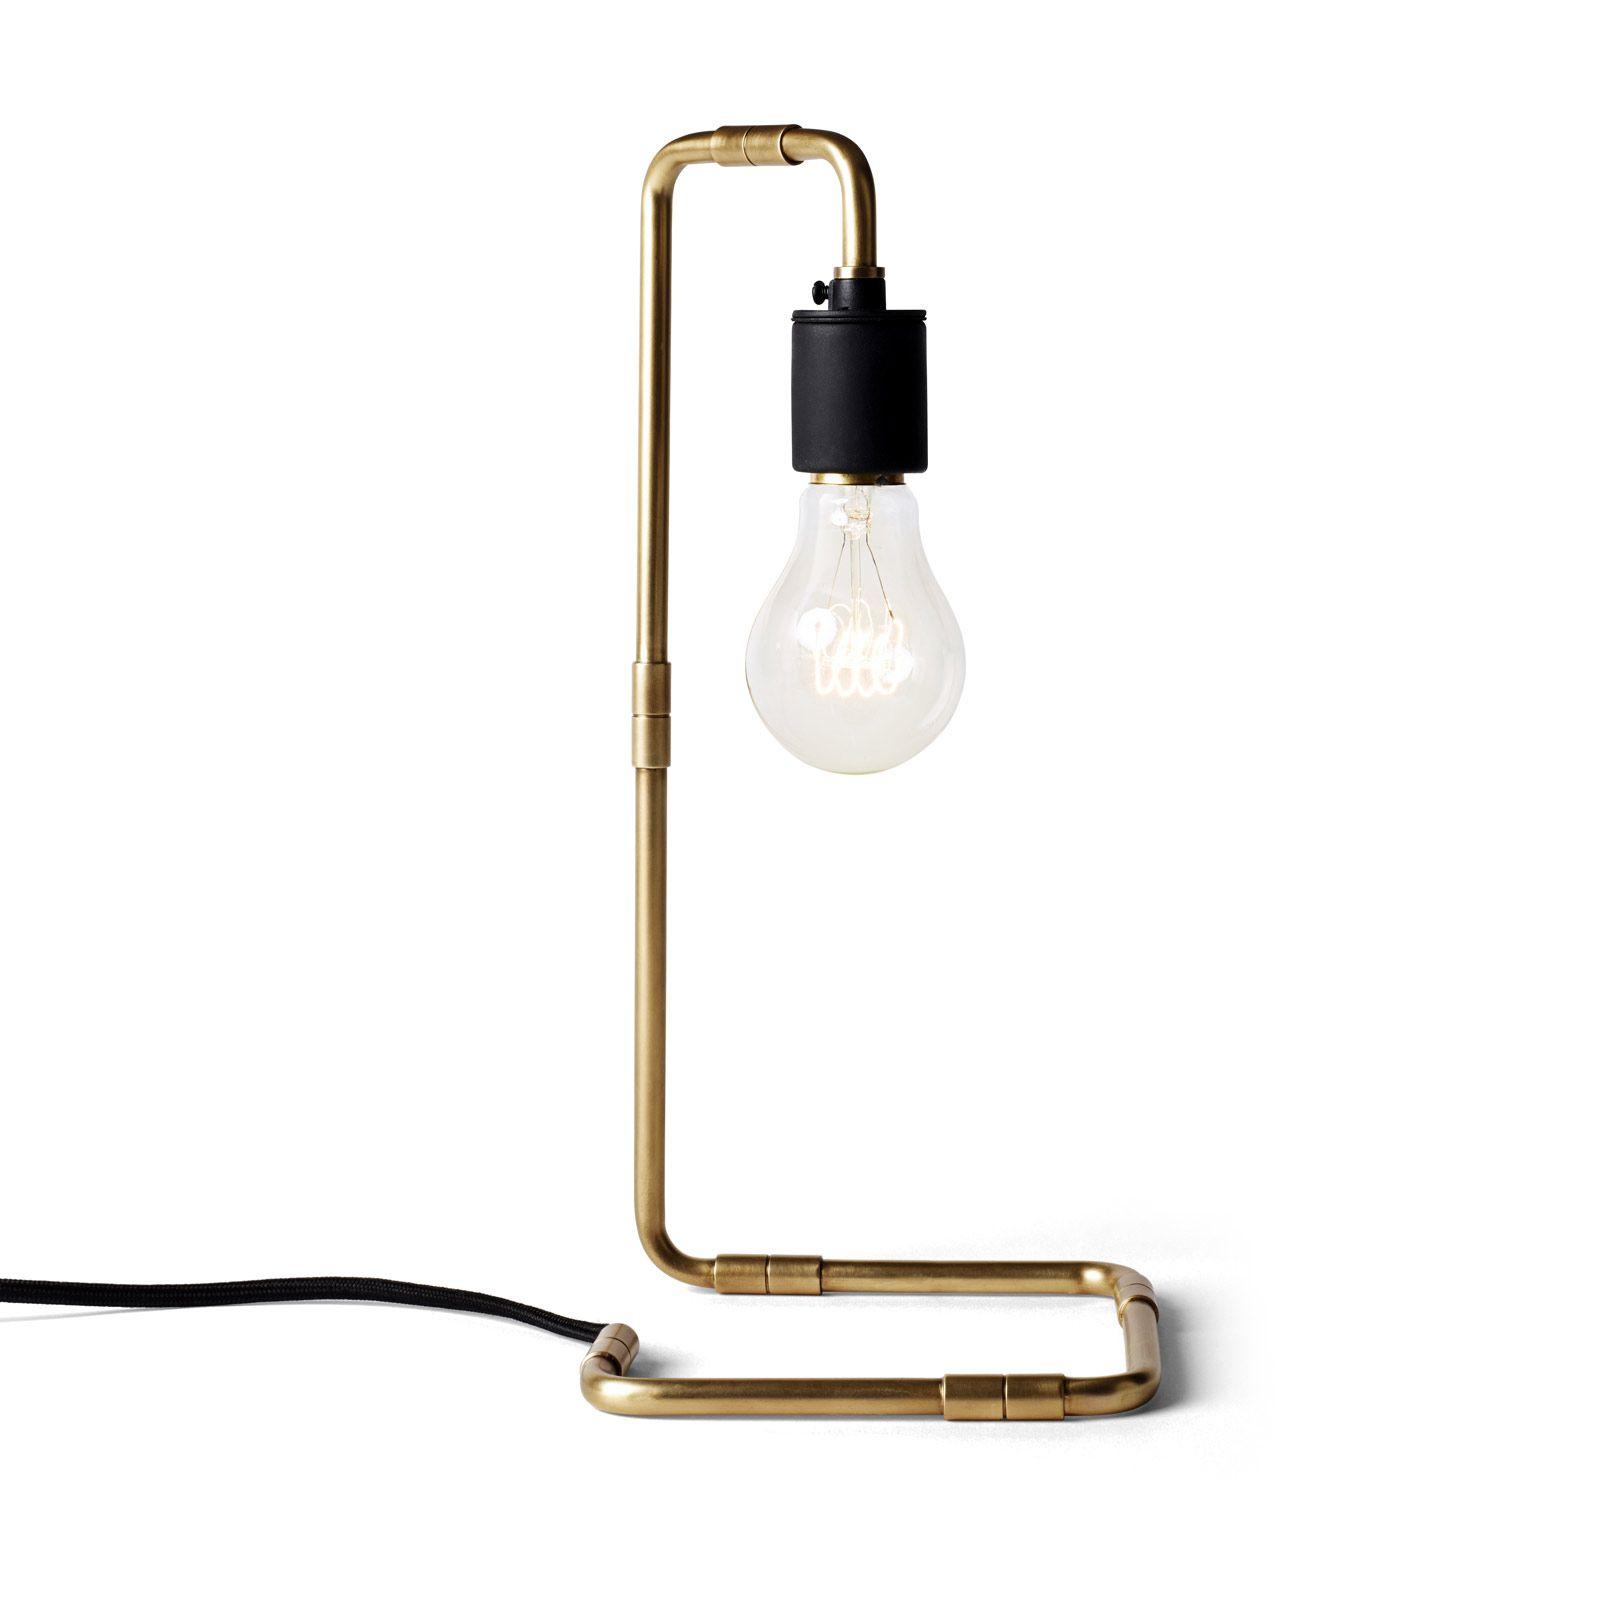 Epingle Par Lightonline Sur Luminaires Laiton Lampe A Poser Lampe Laiton